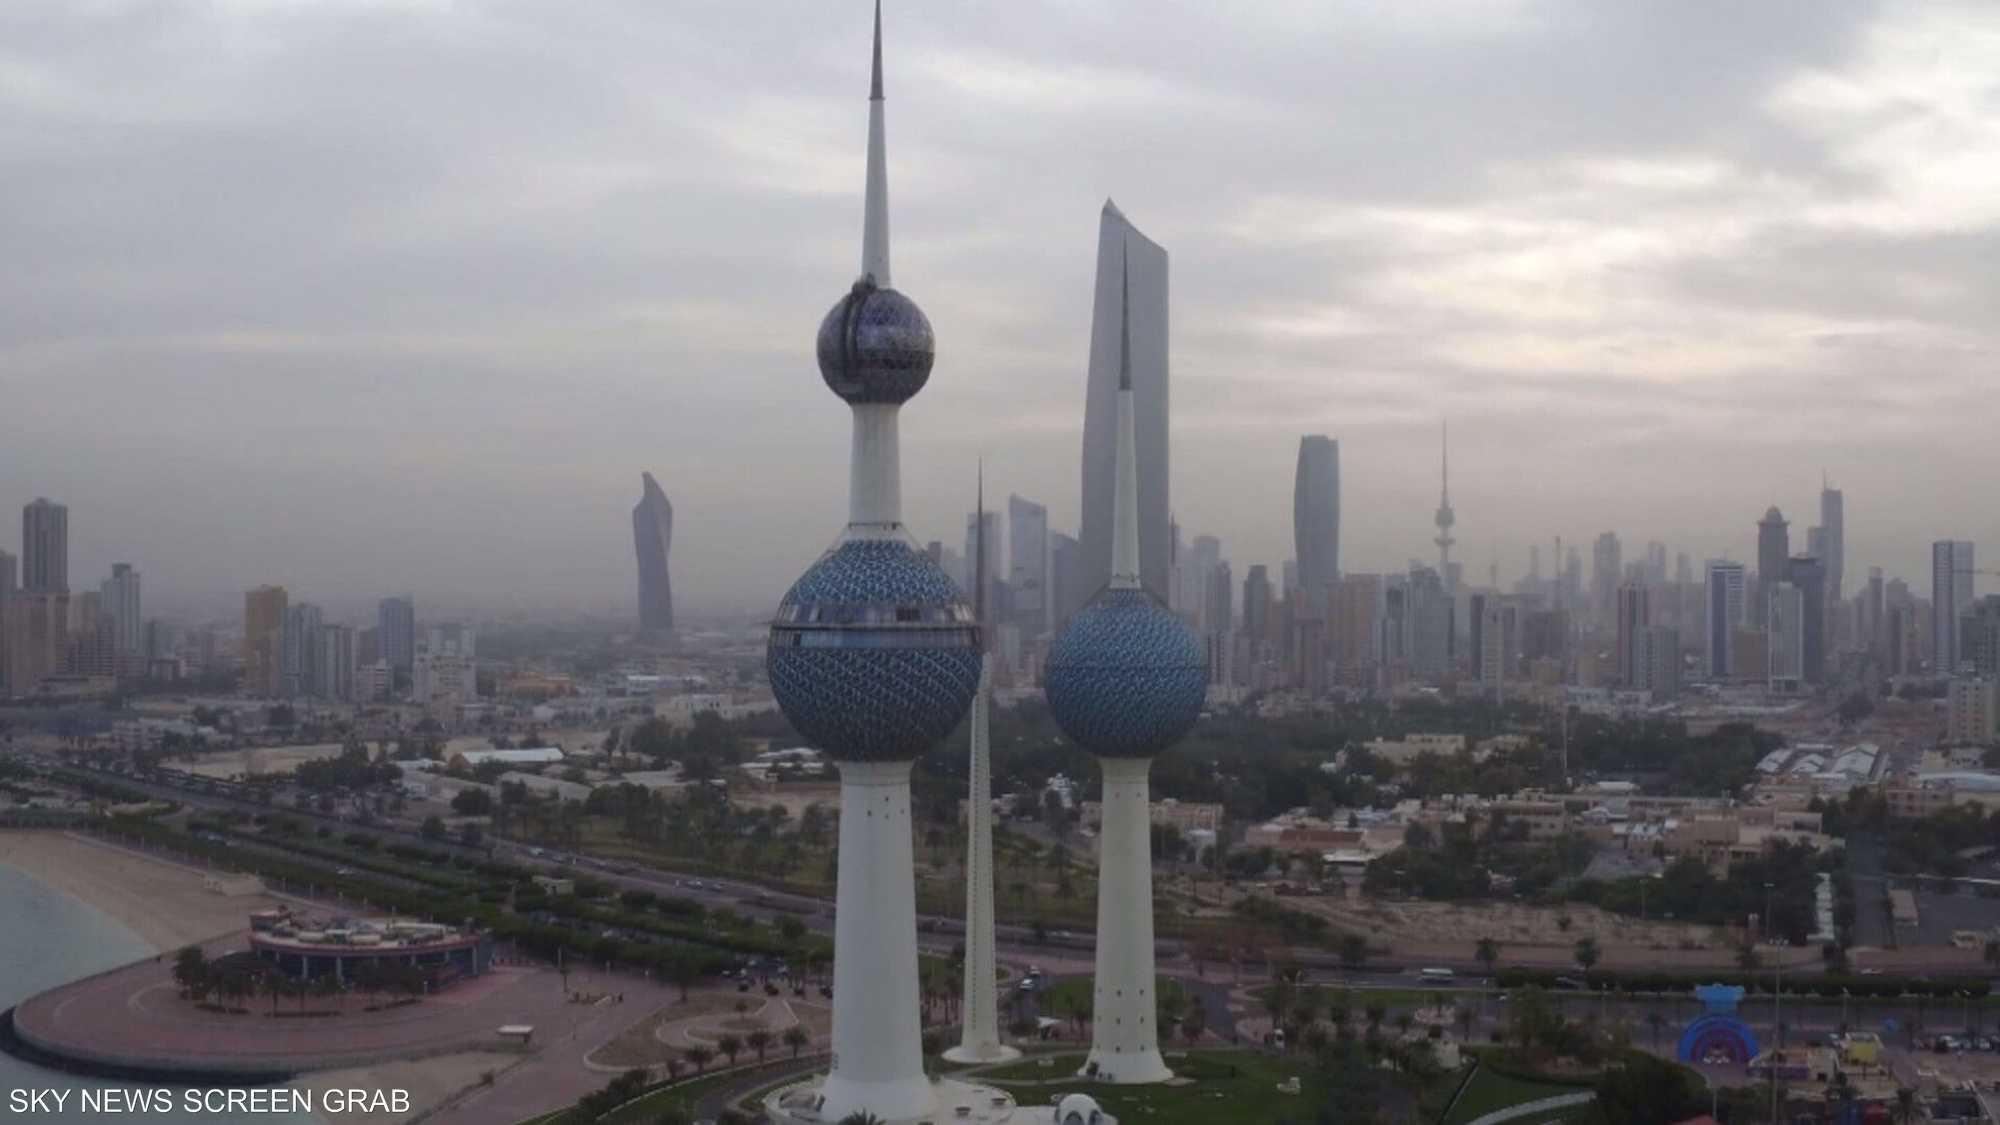 سلطات الكويت تتحفظ على أموال 10 من مشاهير منصات التواصل